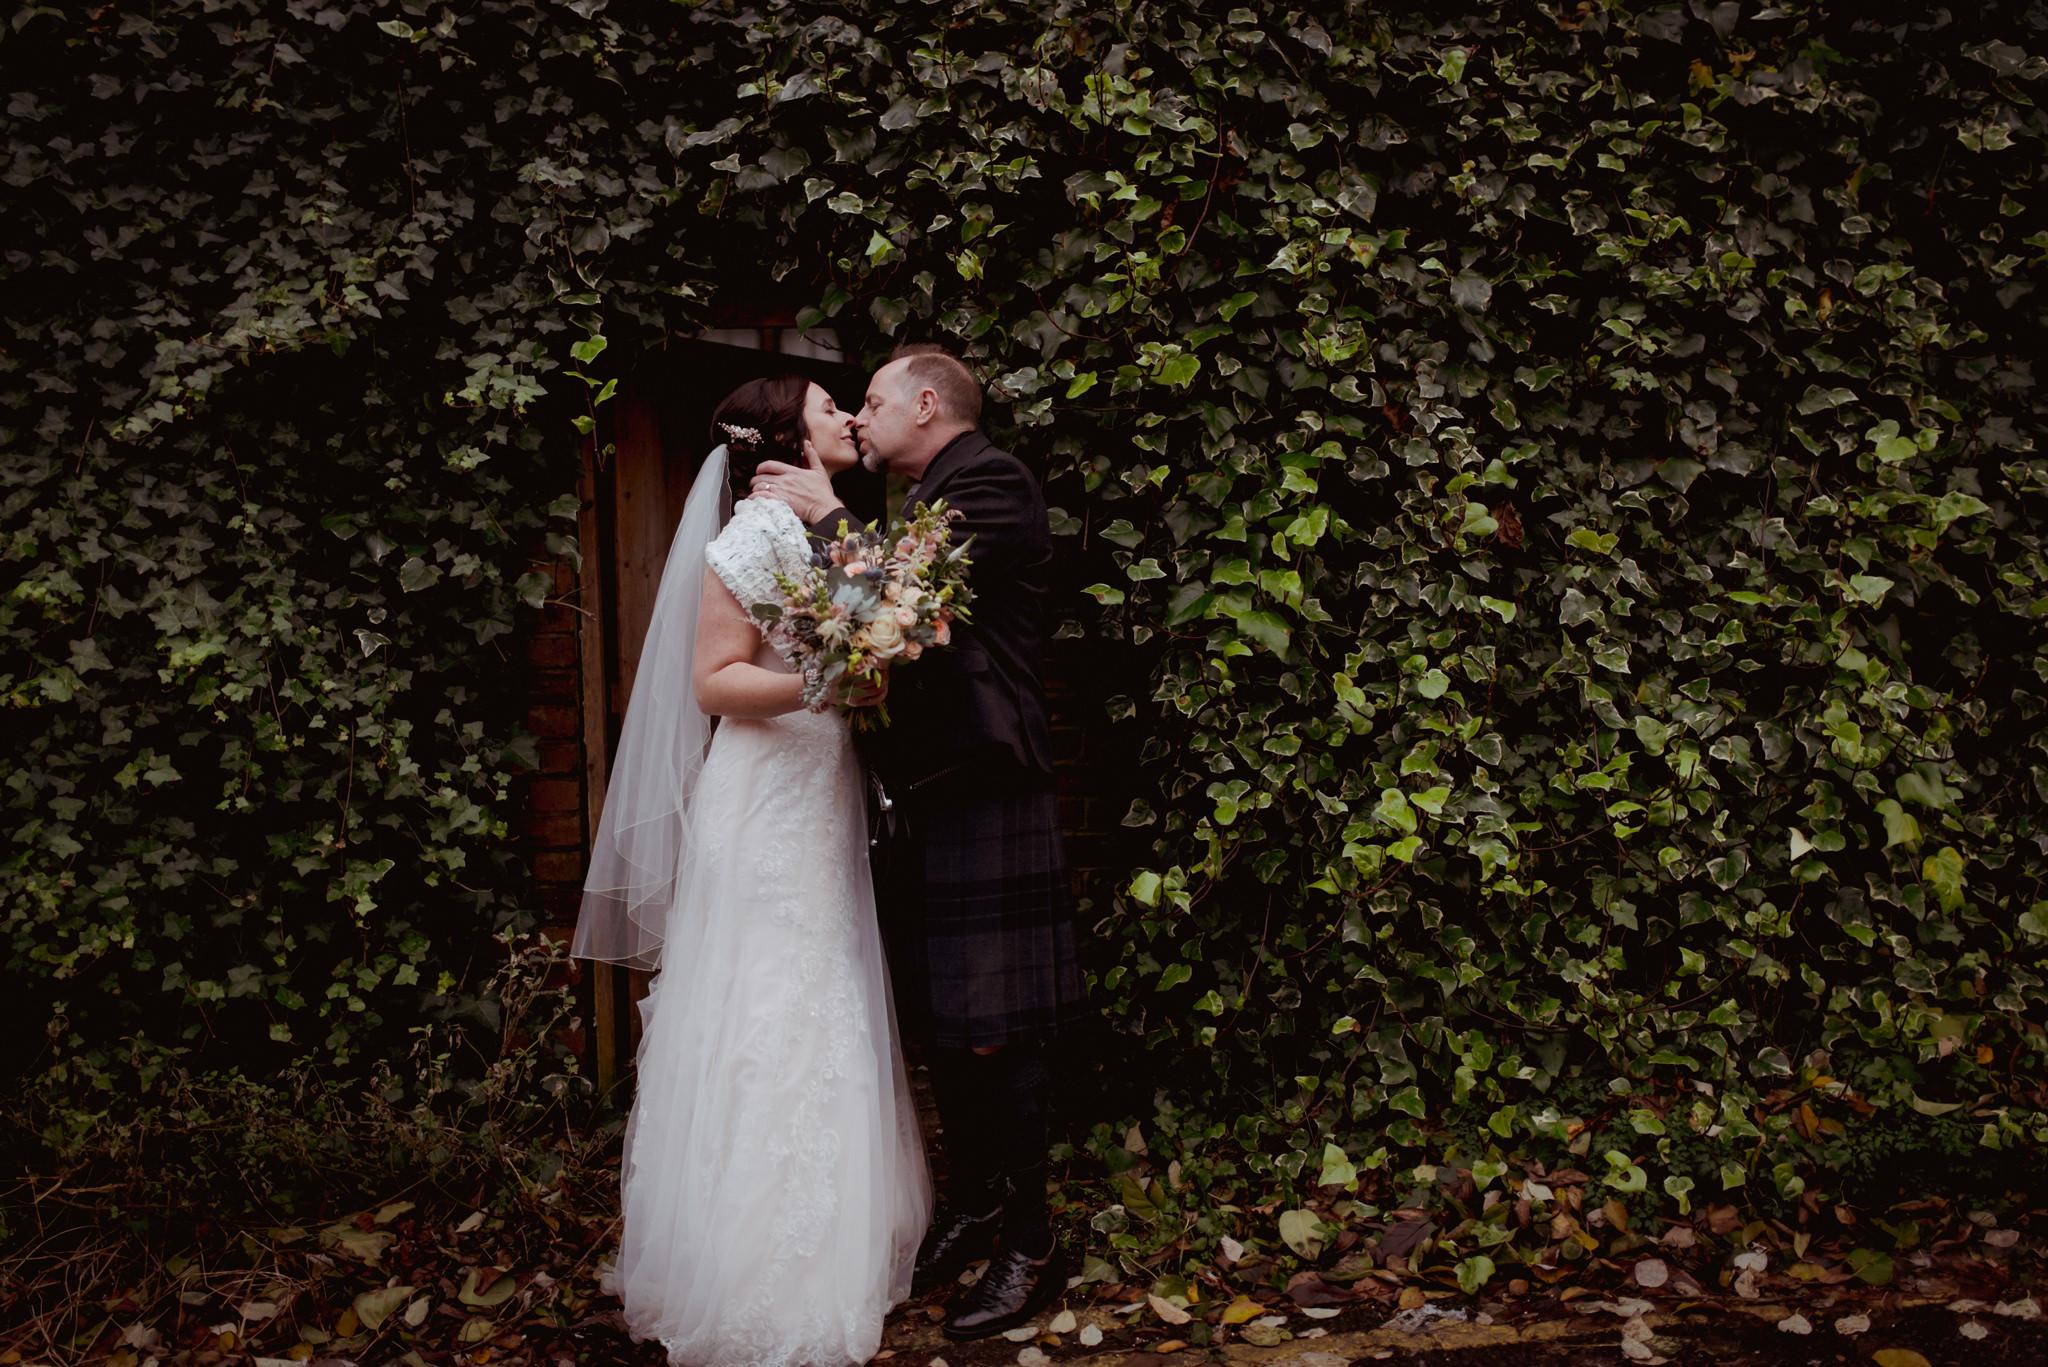 Ubiquitous-Chip-wedding-photography-(9).jpg